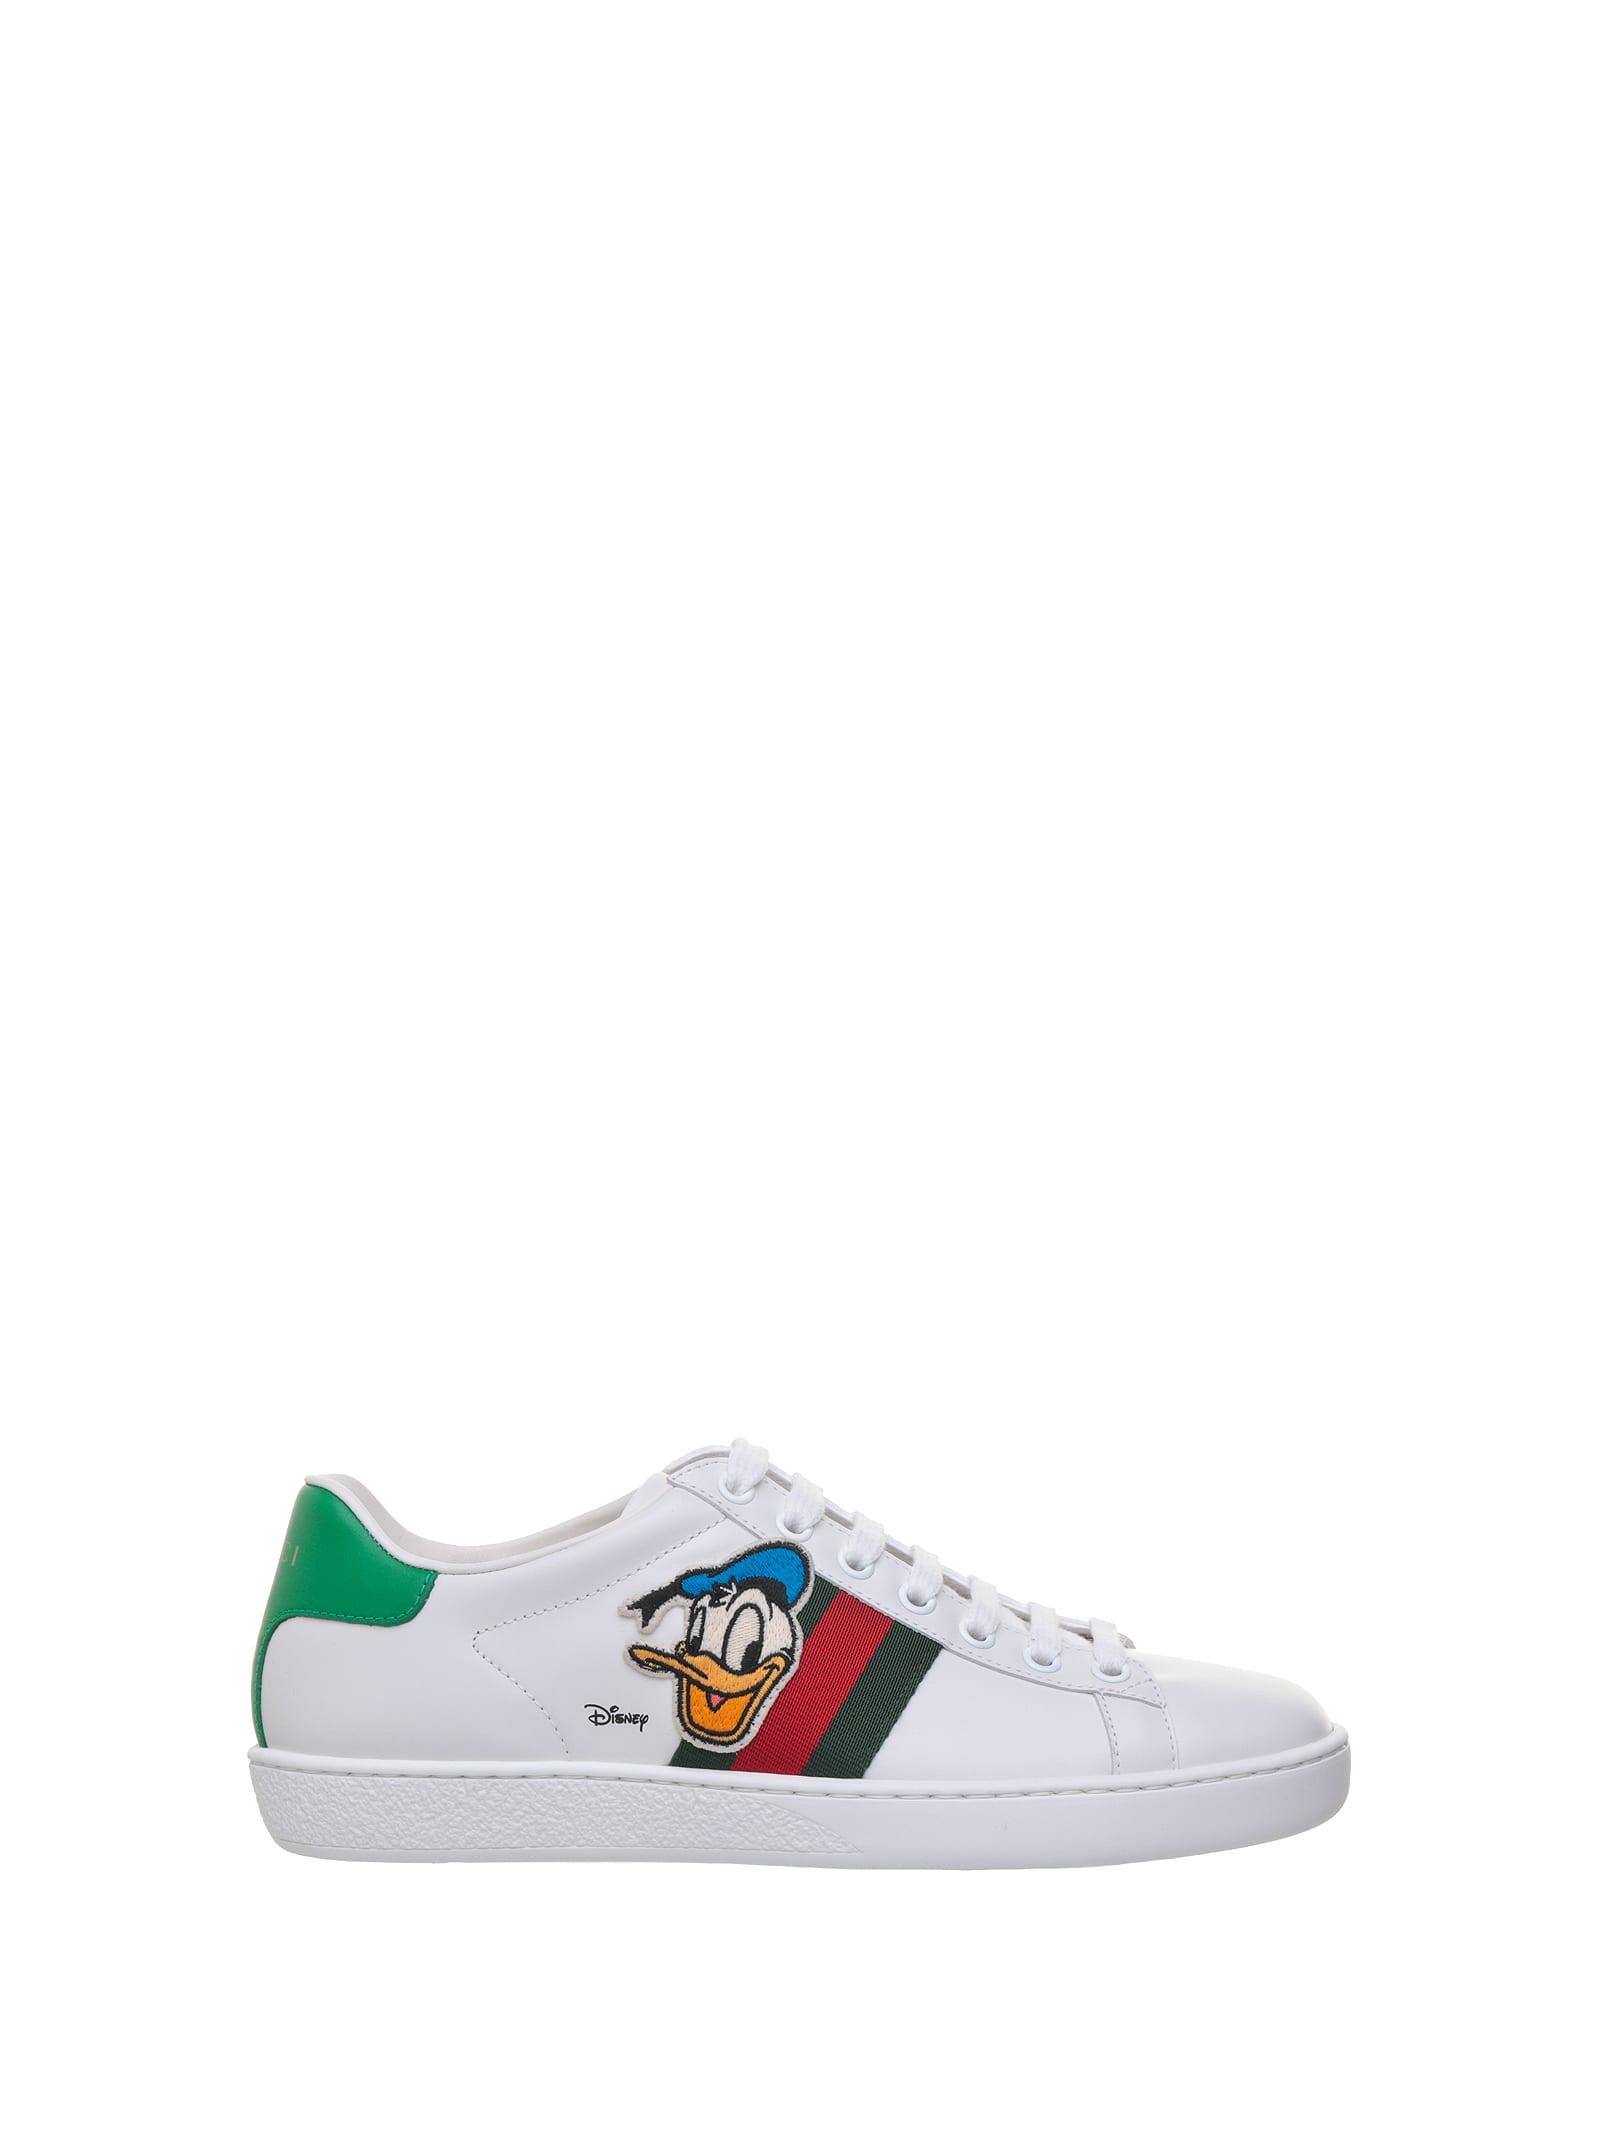 Gucci Donald Duck Disney X Gucci Ace Sneaker